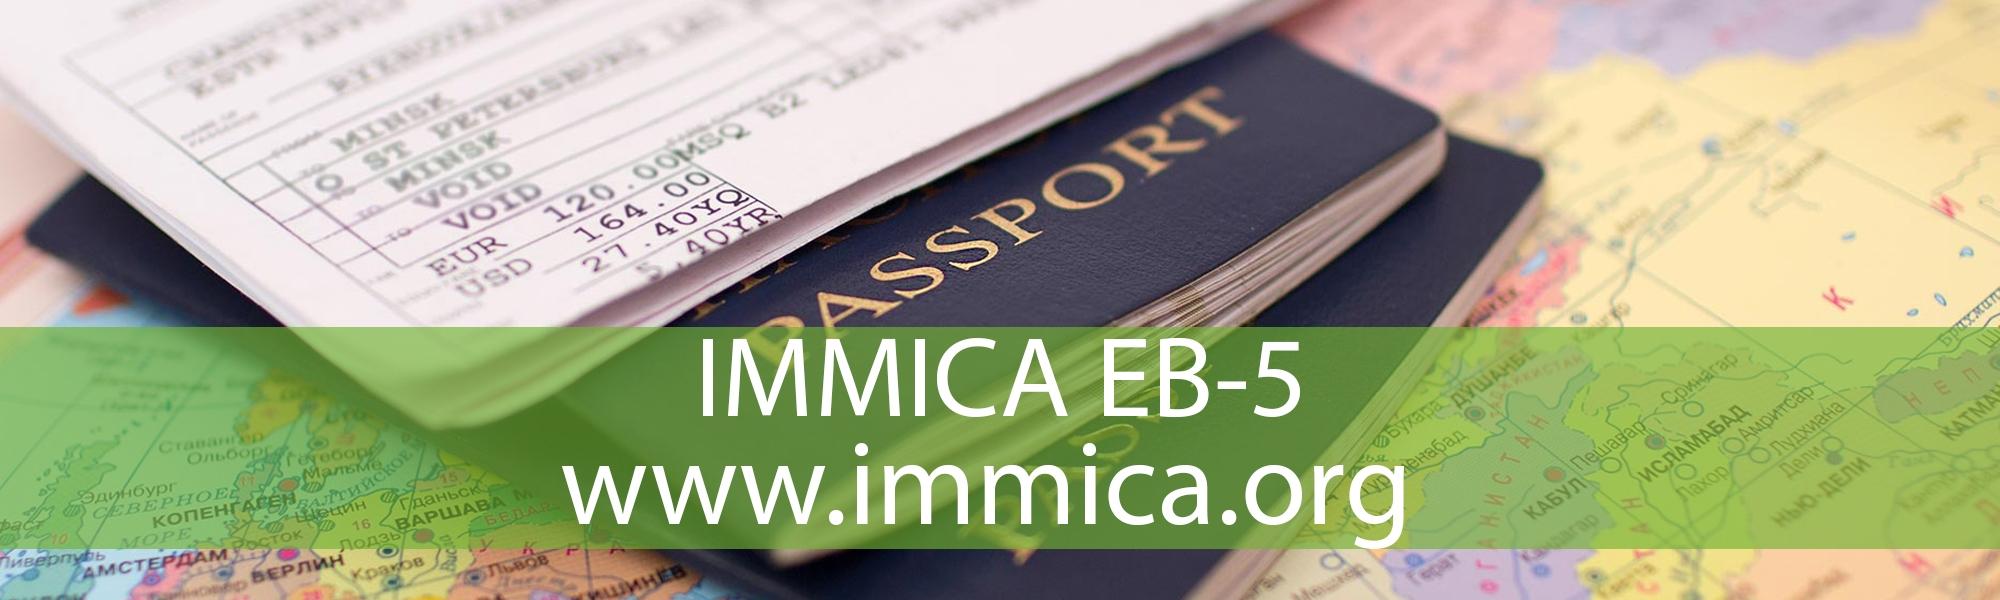 immicaeb5 (@immicaeb5) Cover Image